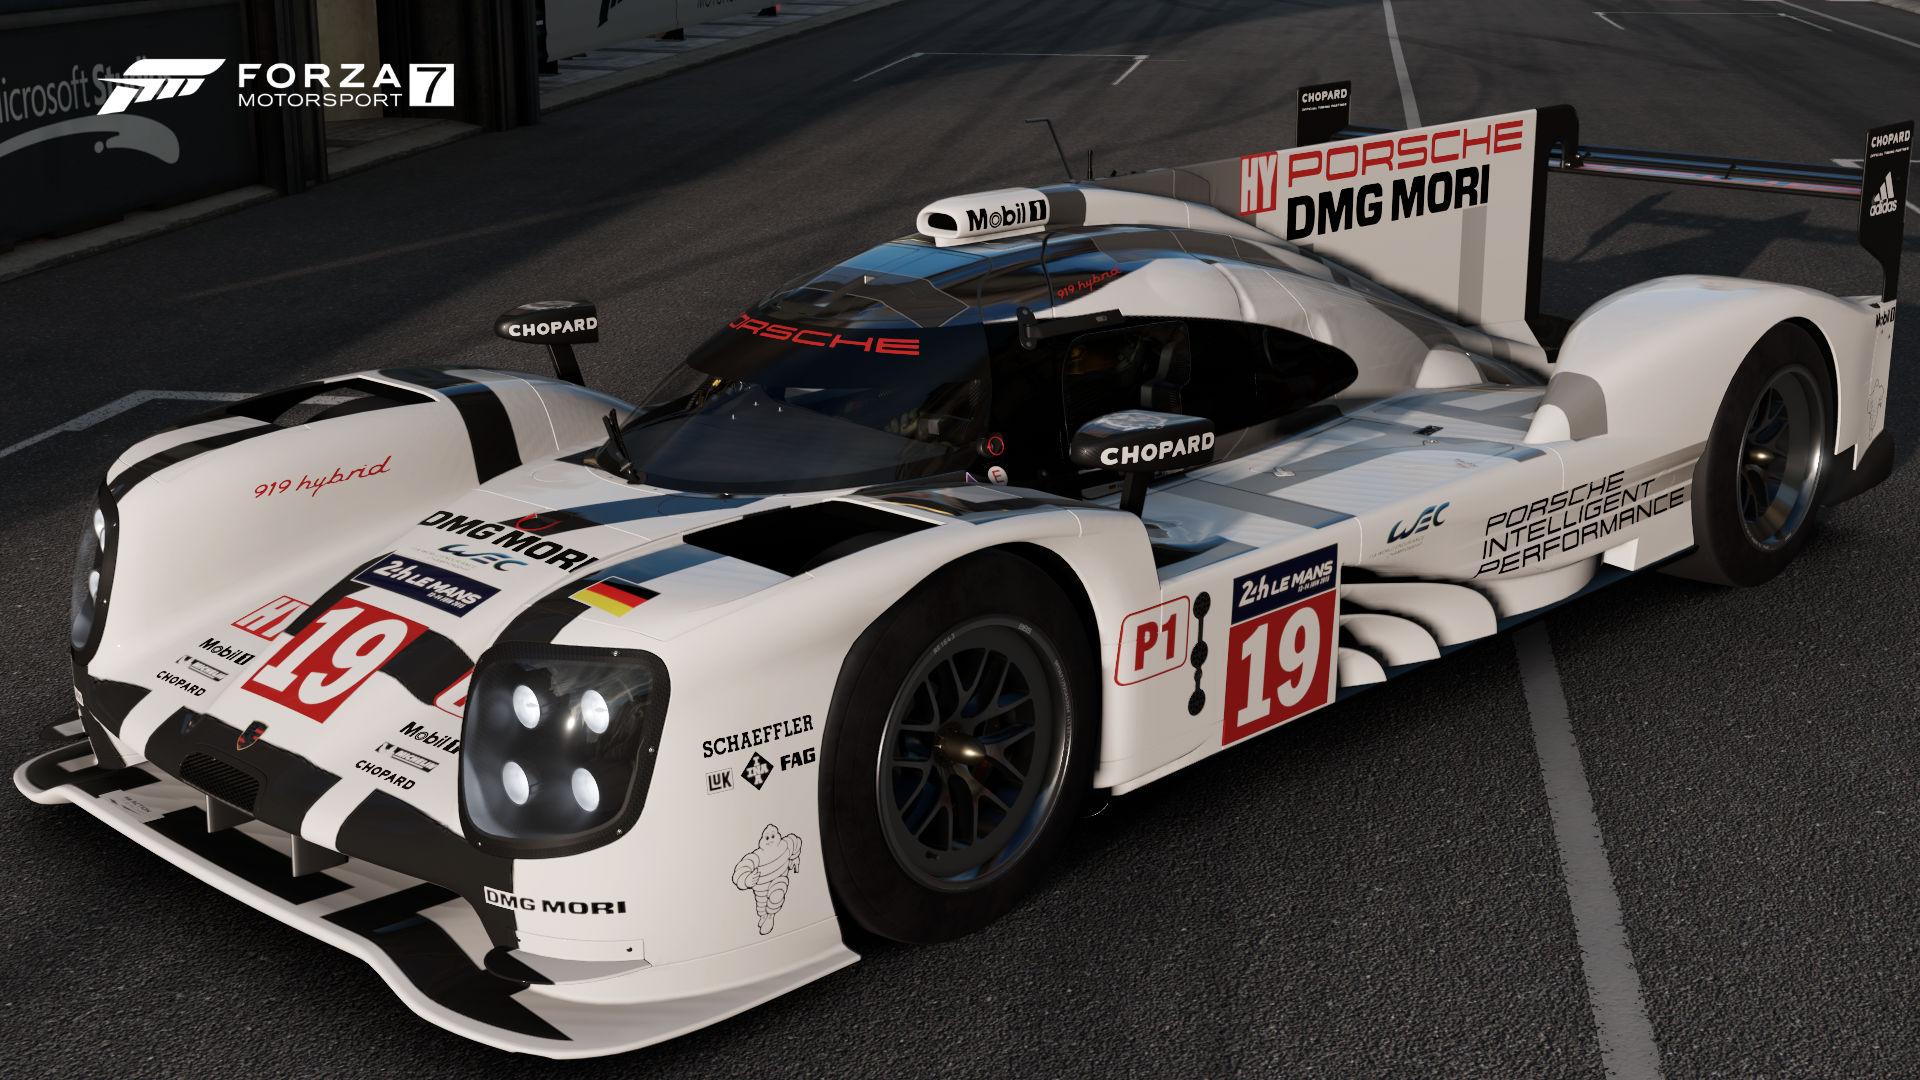 Porsche 19 Team 919 Hybrid